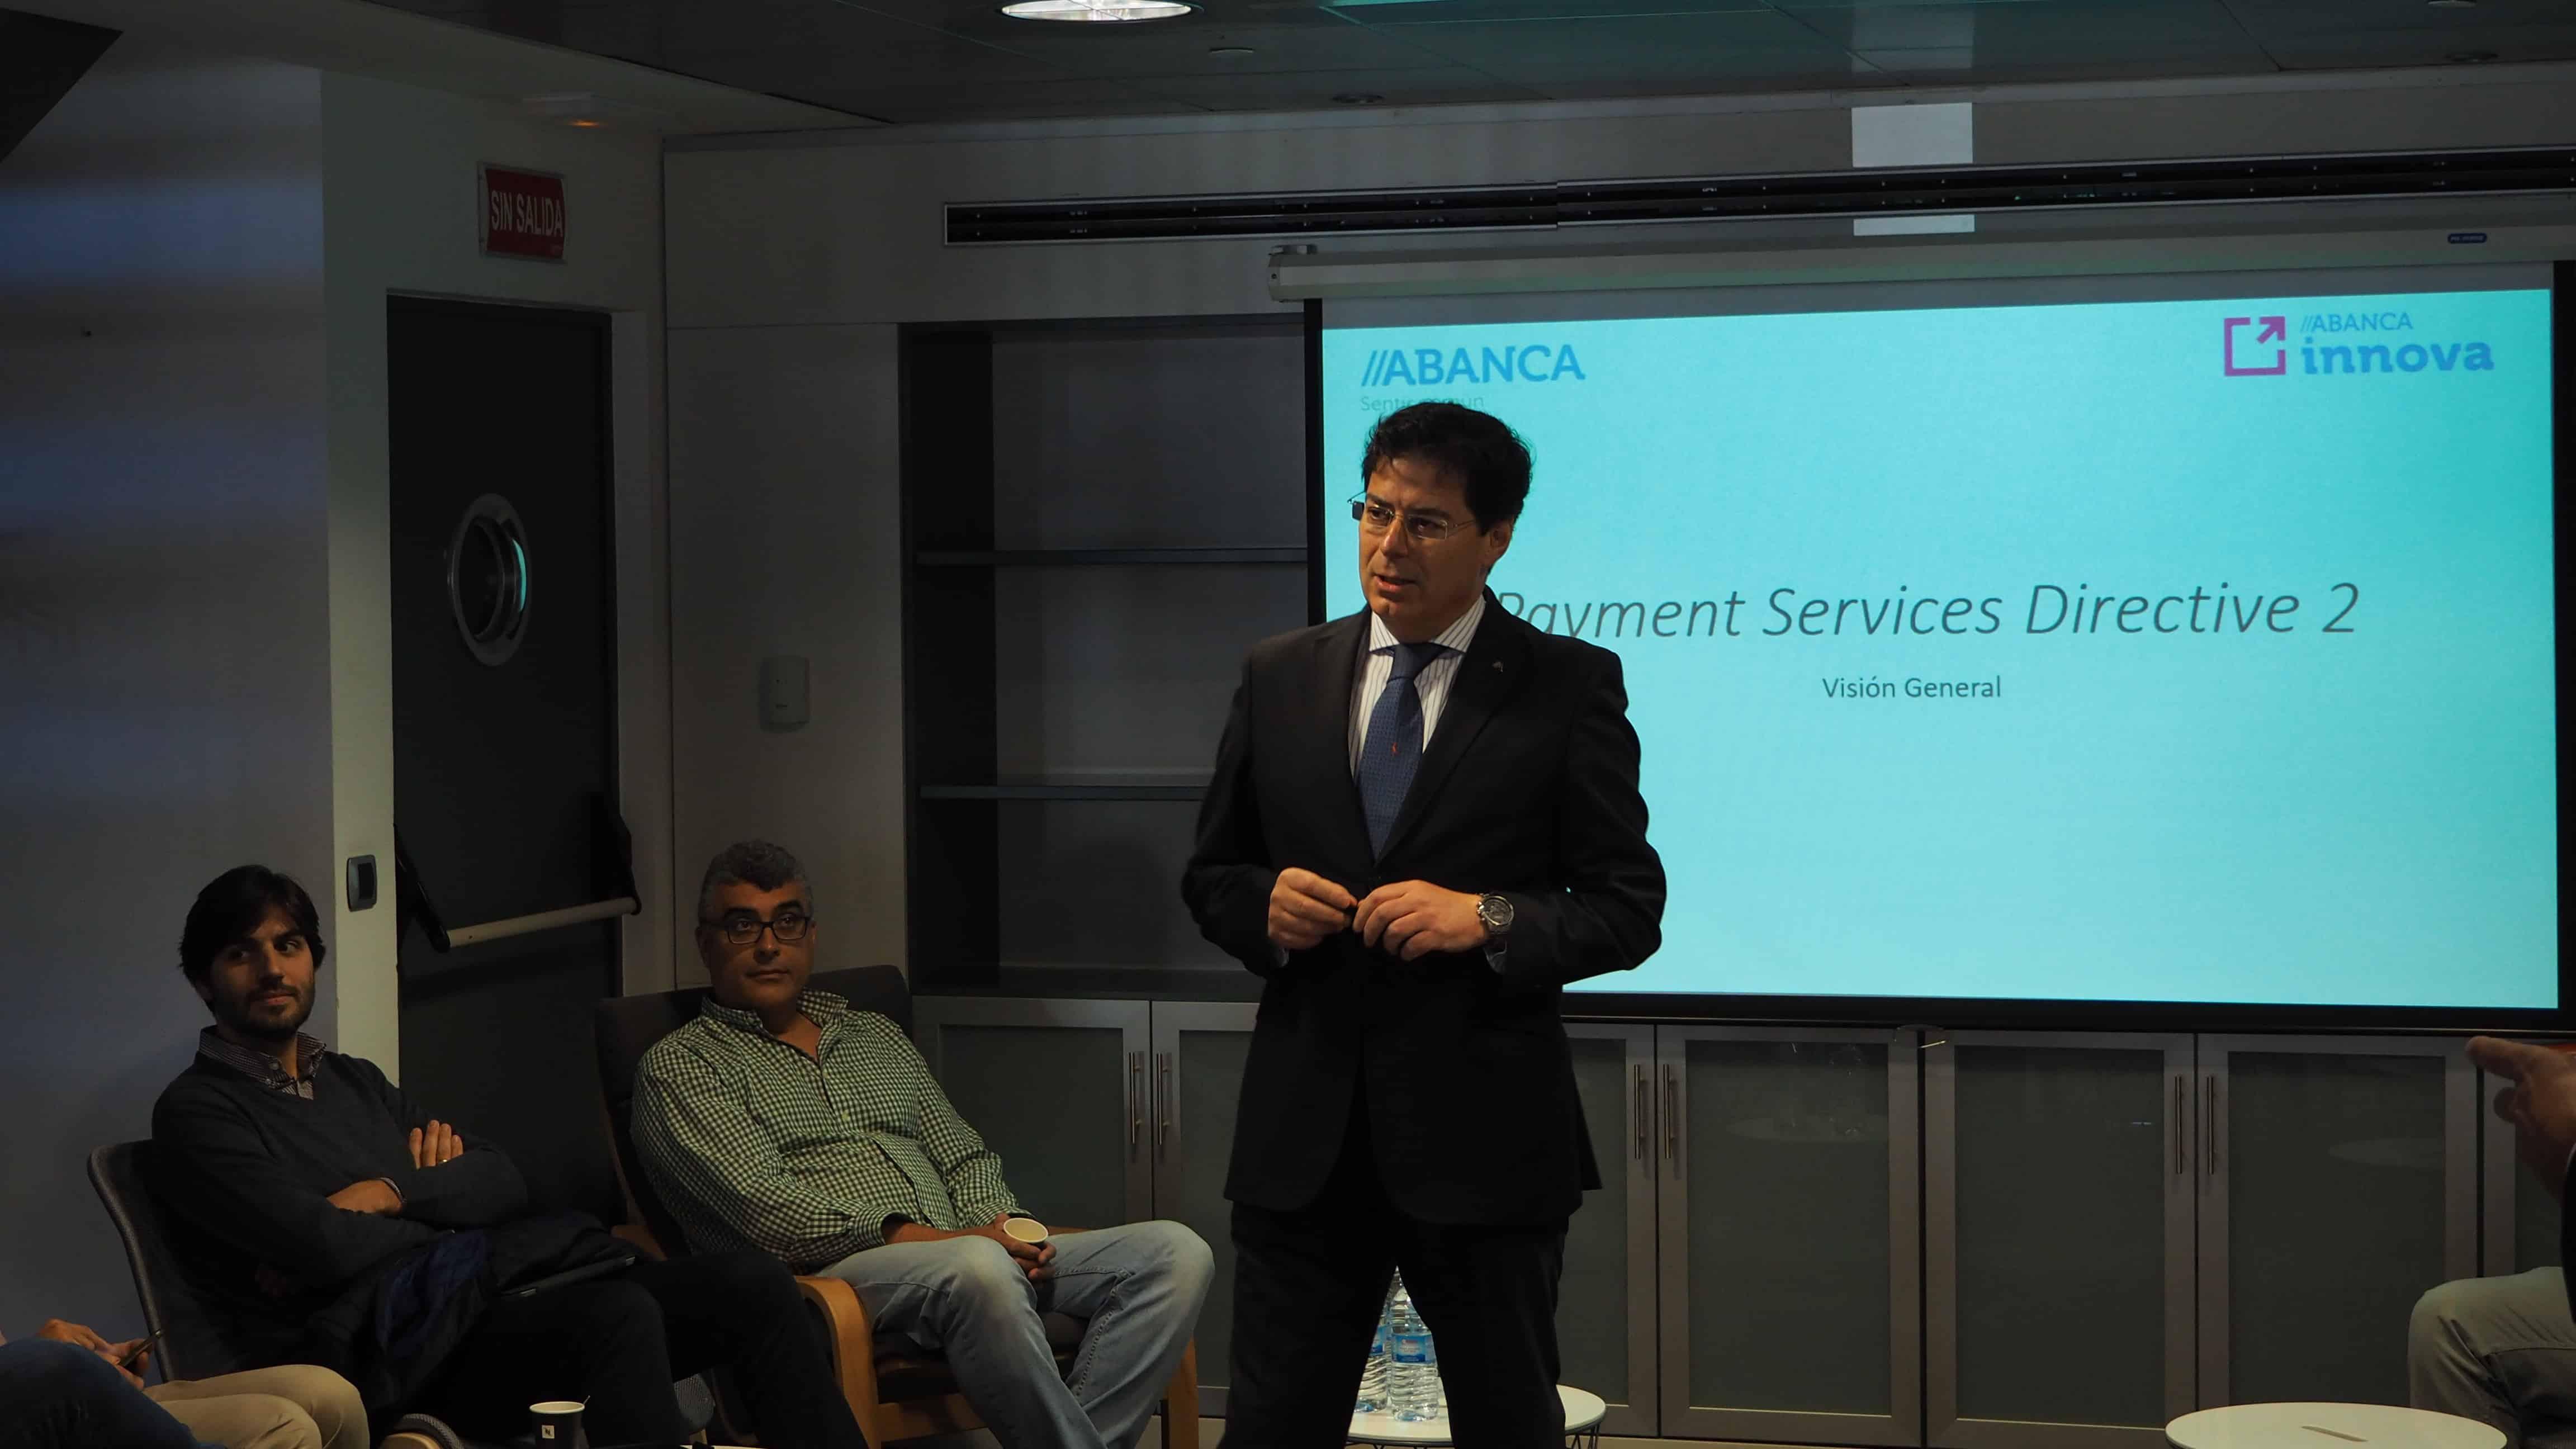 Manuel Rodríguez introduciendo los conceptos básicos de la PSD2